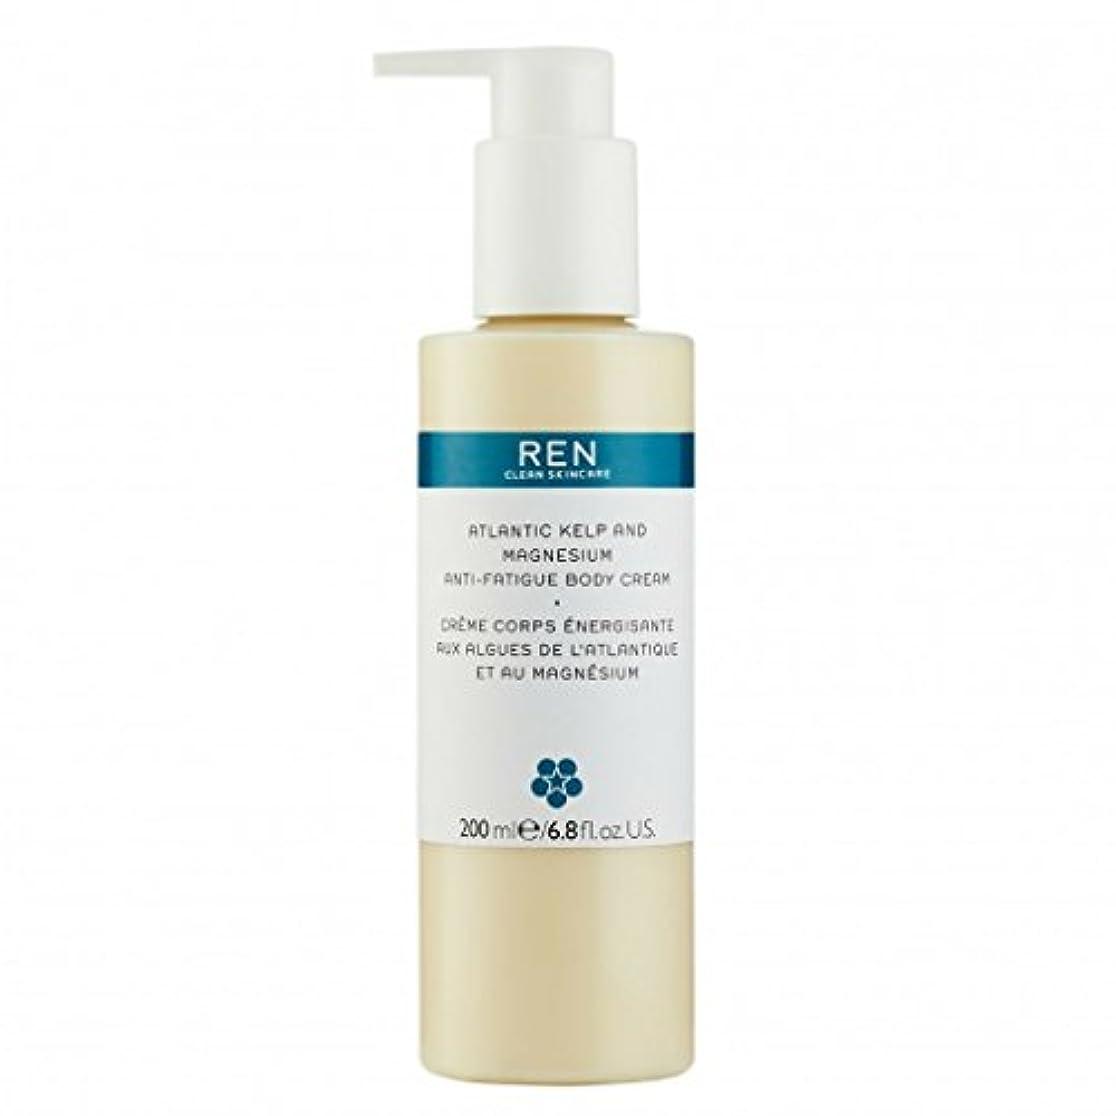 軽減する付与失業者REN - Atlantic Kelp And Magnesium Anti-Fatigue Body Cream